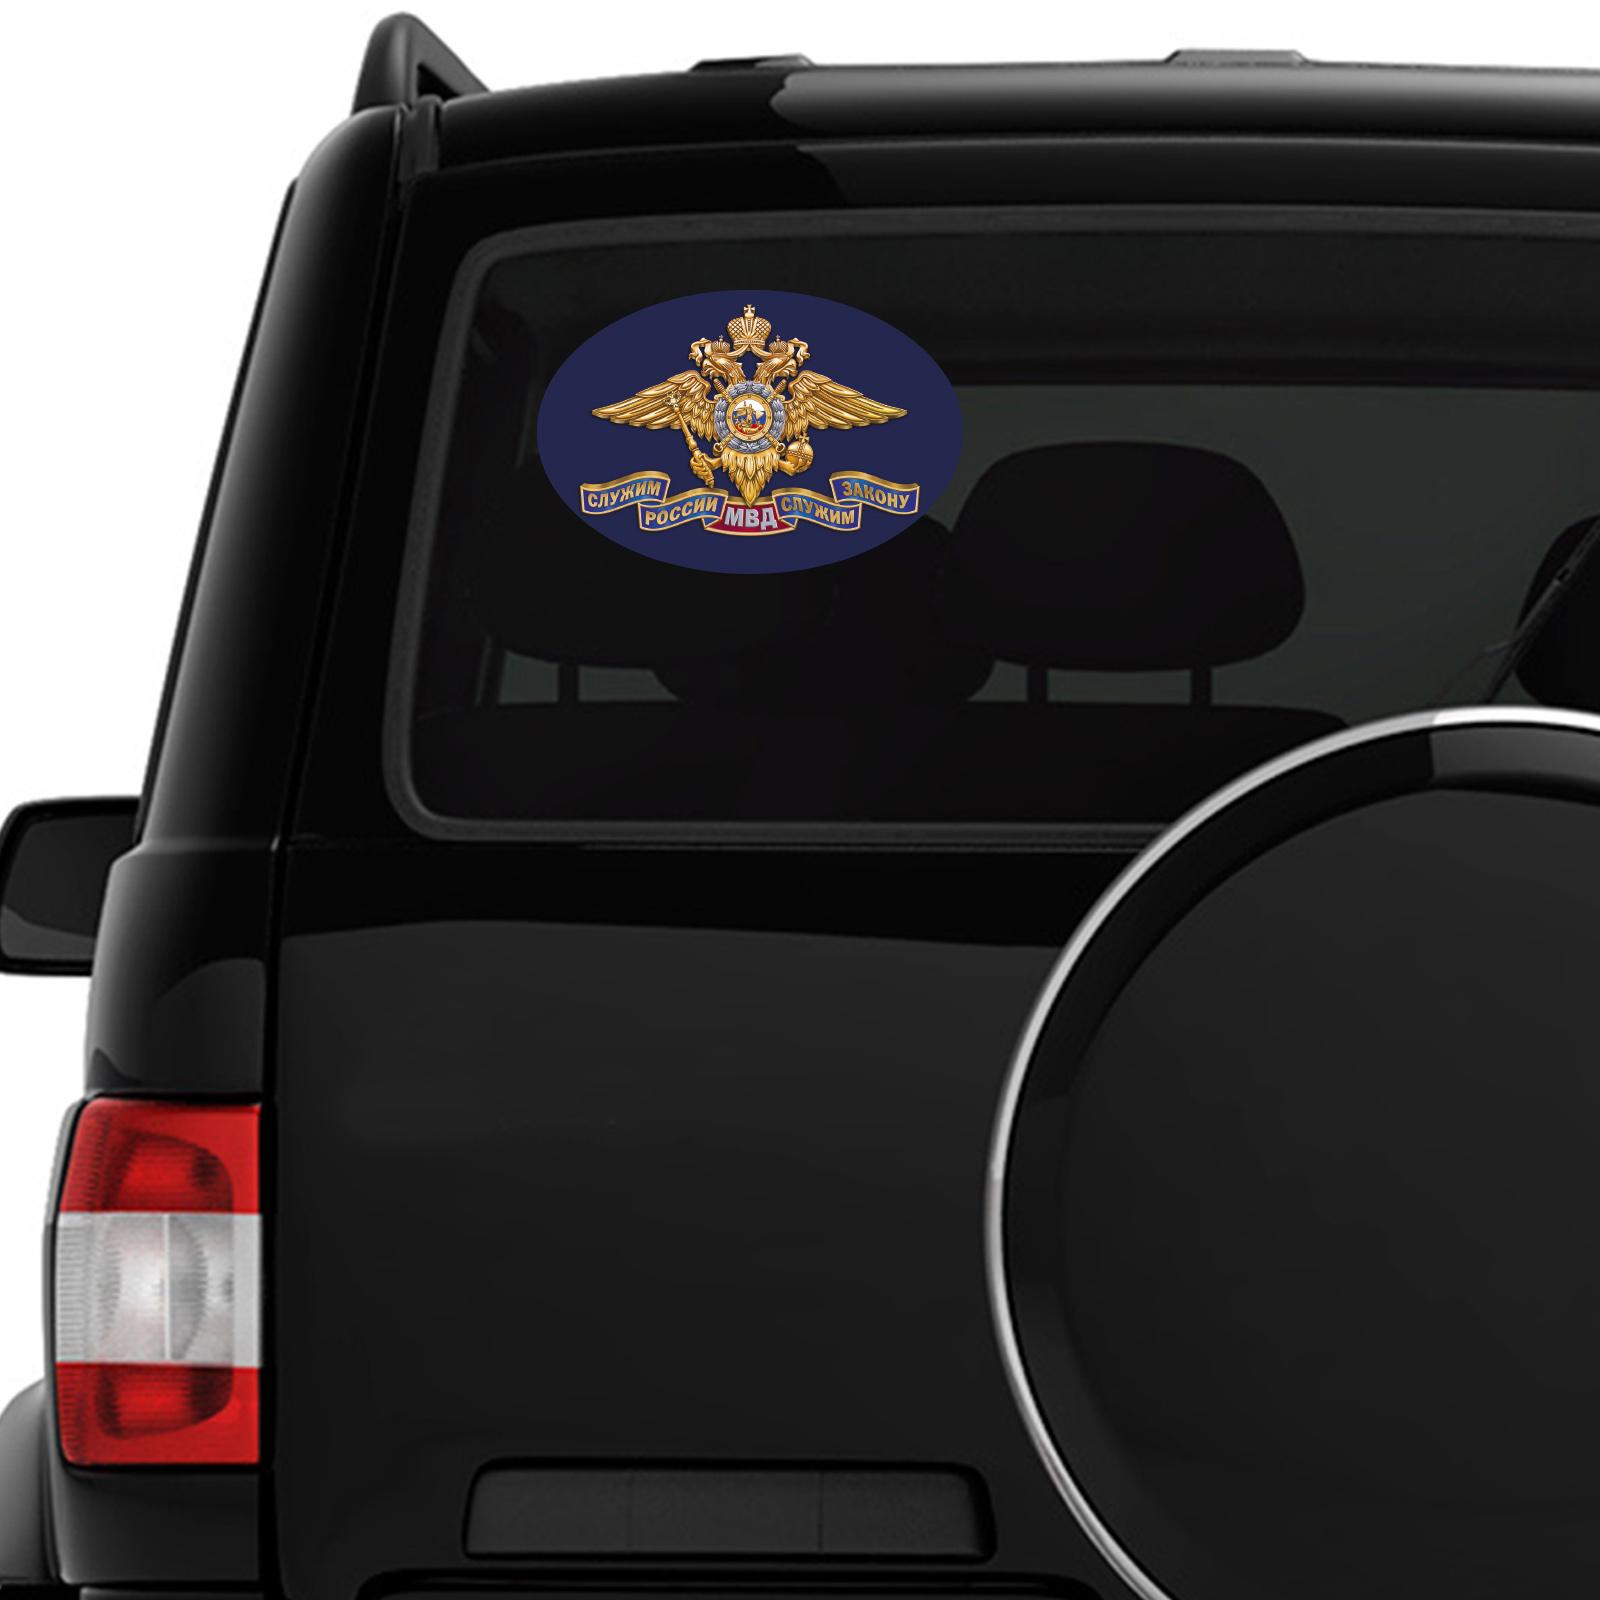 Автомобильная наклейка МВД России - недорого